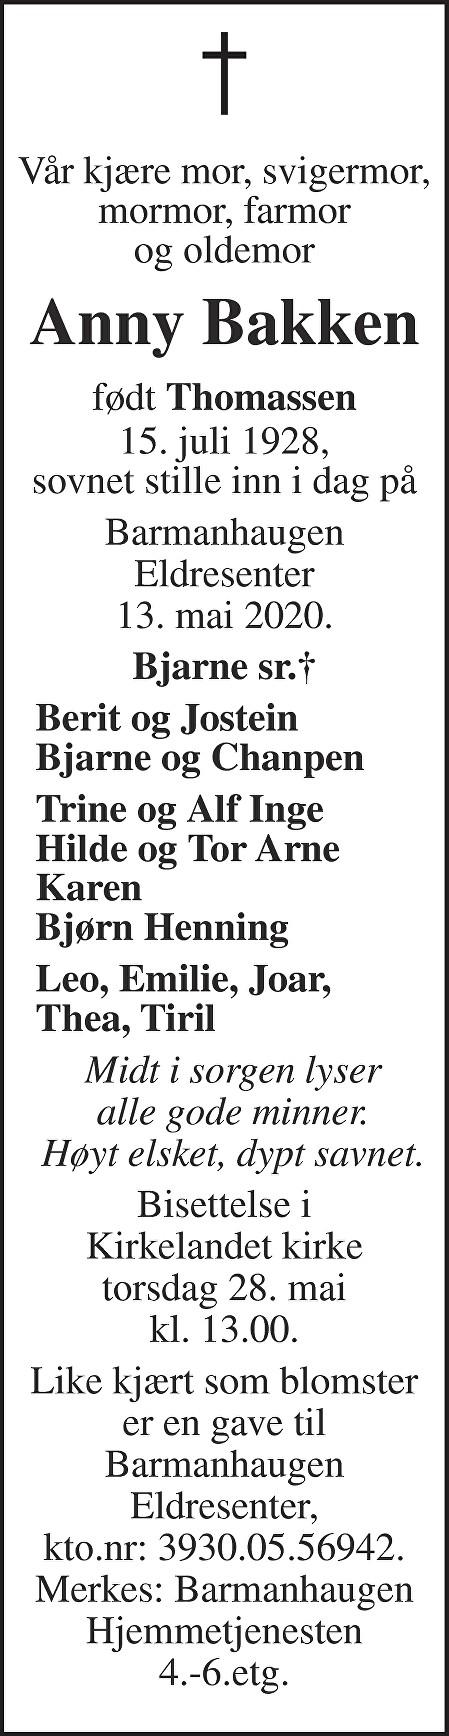 Anny Bakken Dødsannonse